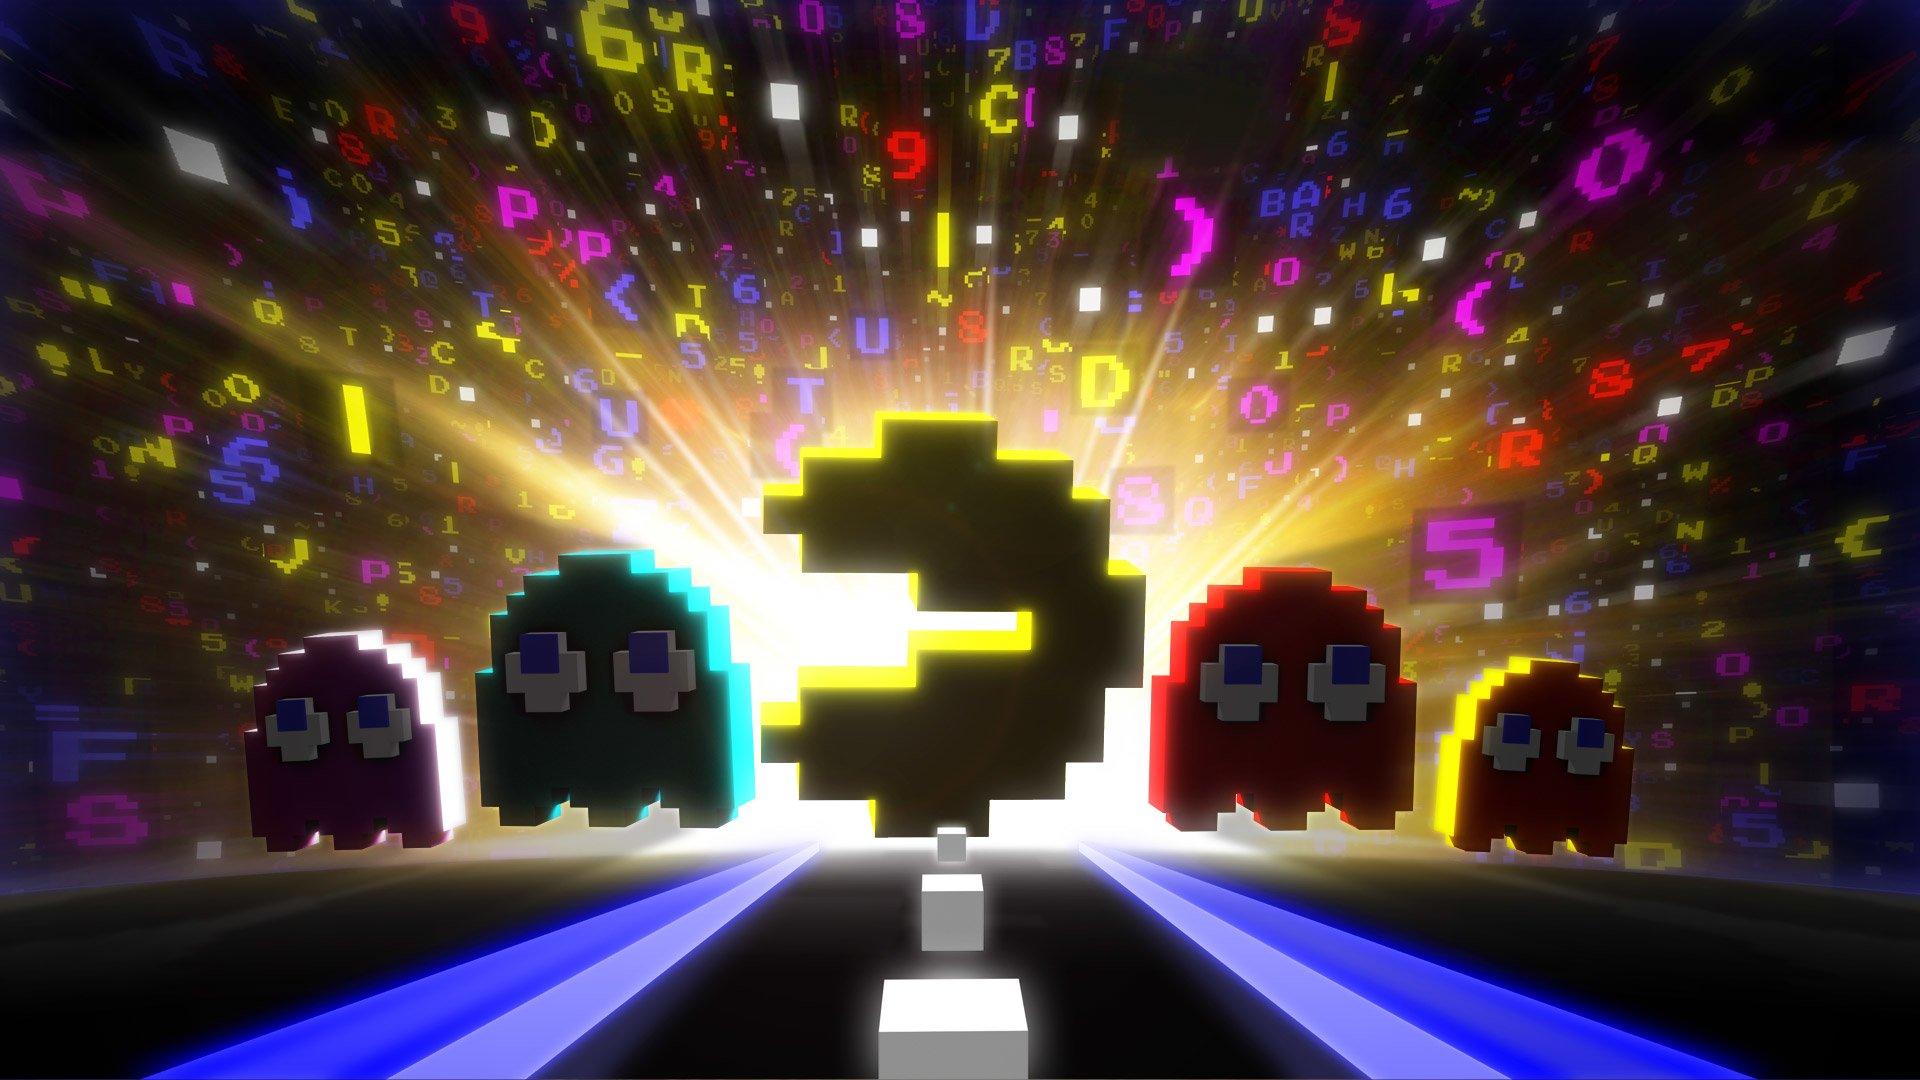 Video Game - Pac-Man  Wallpaper